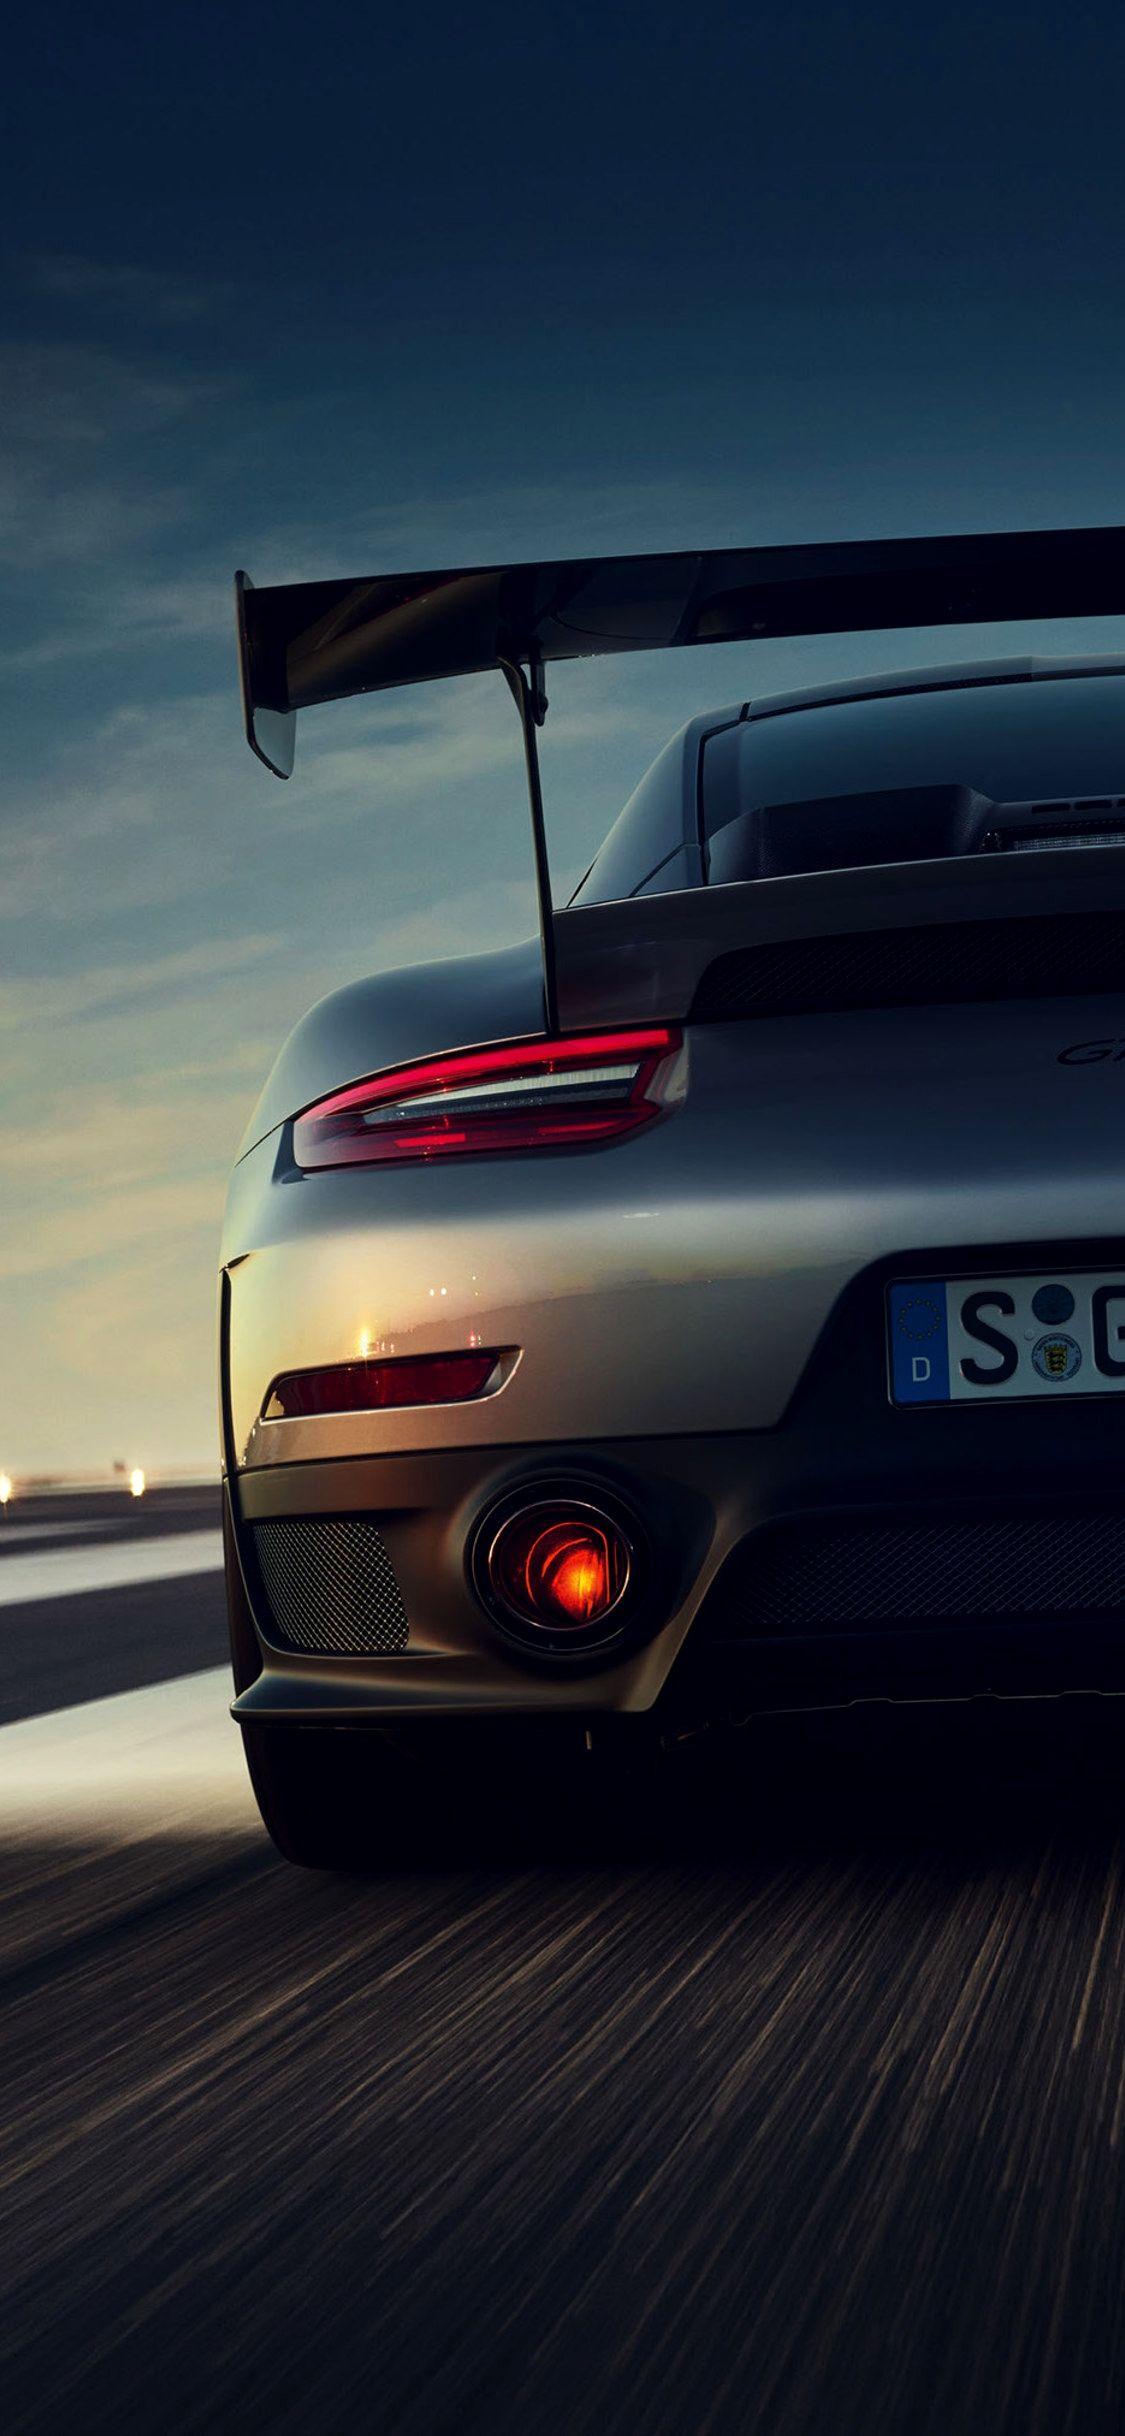 Porsche Wallpaper 4k Iphone Gallery Carros De Luxo Carros